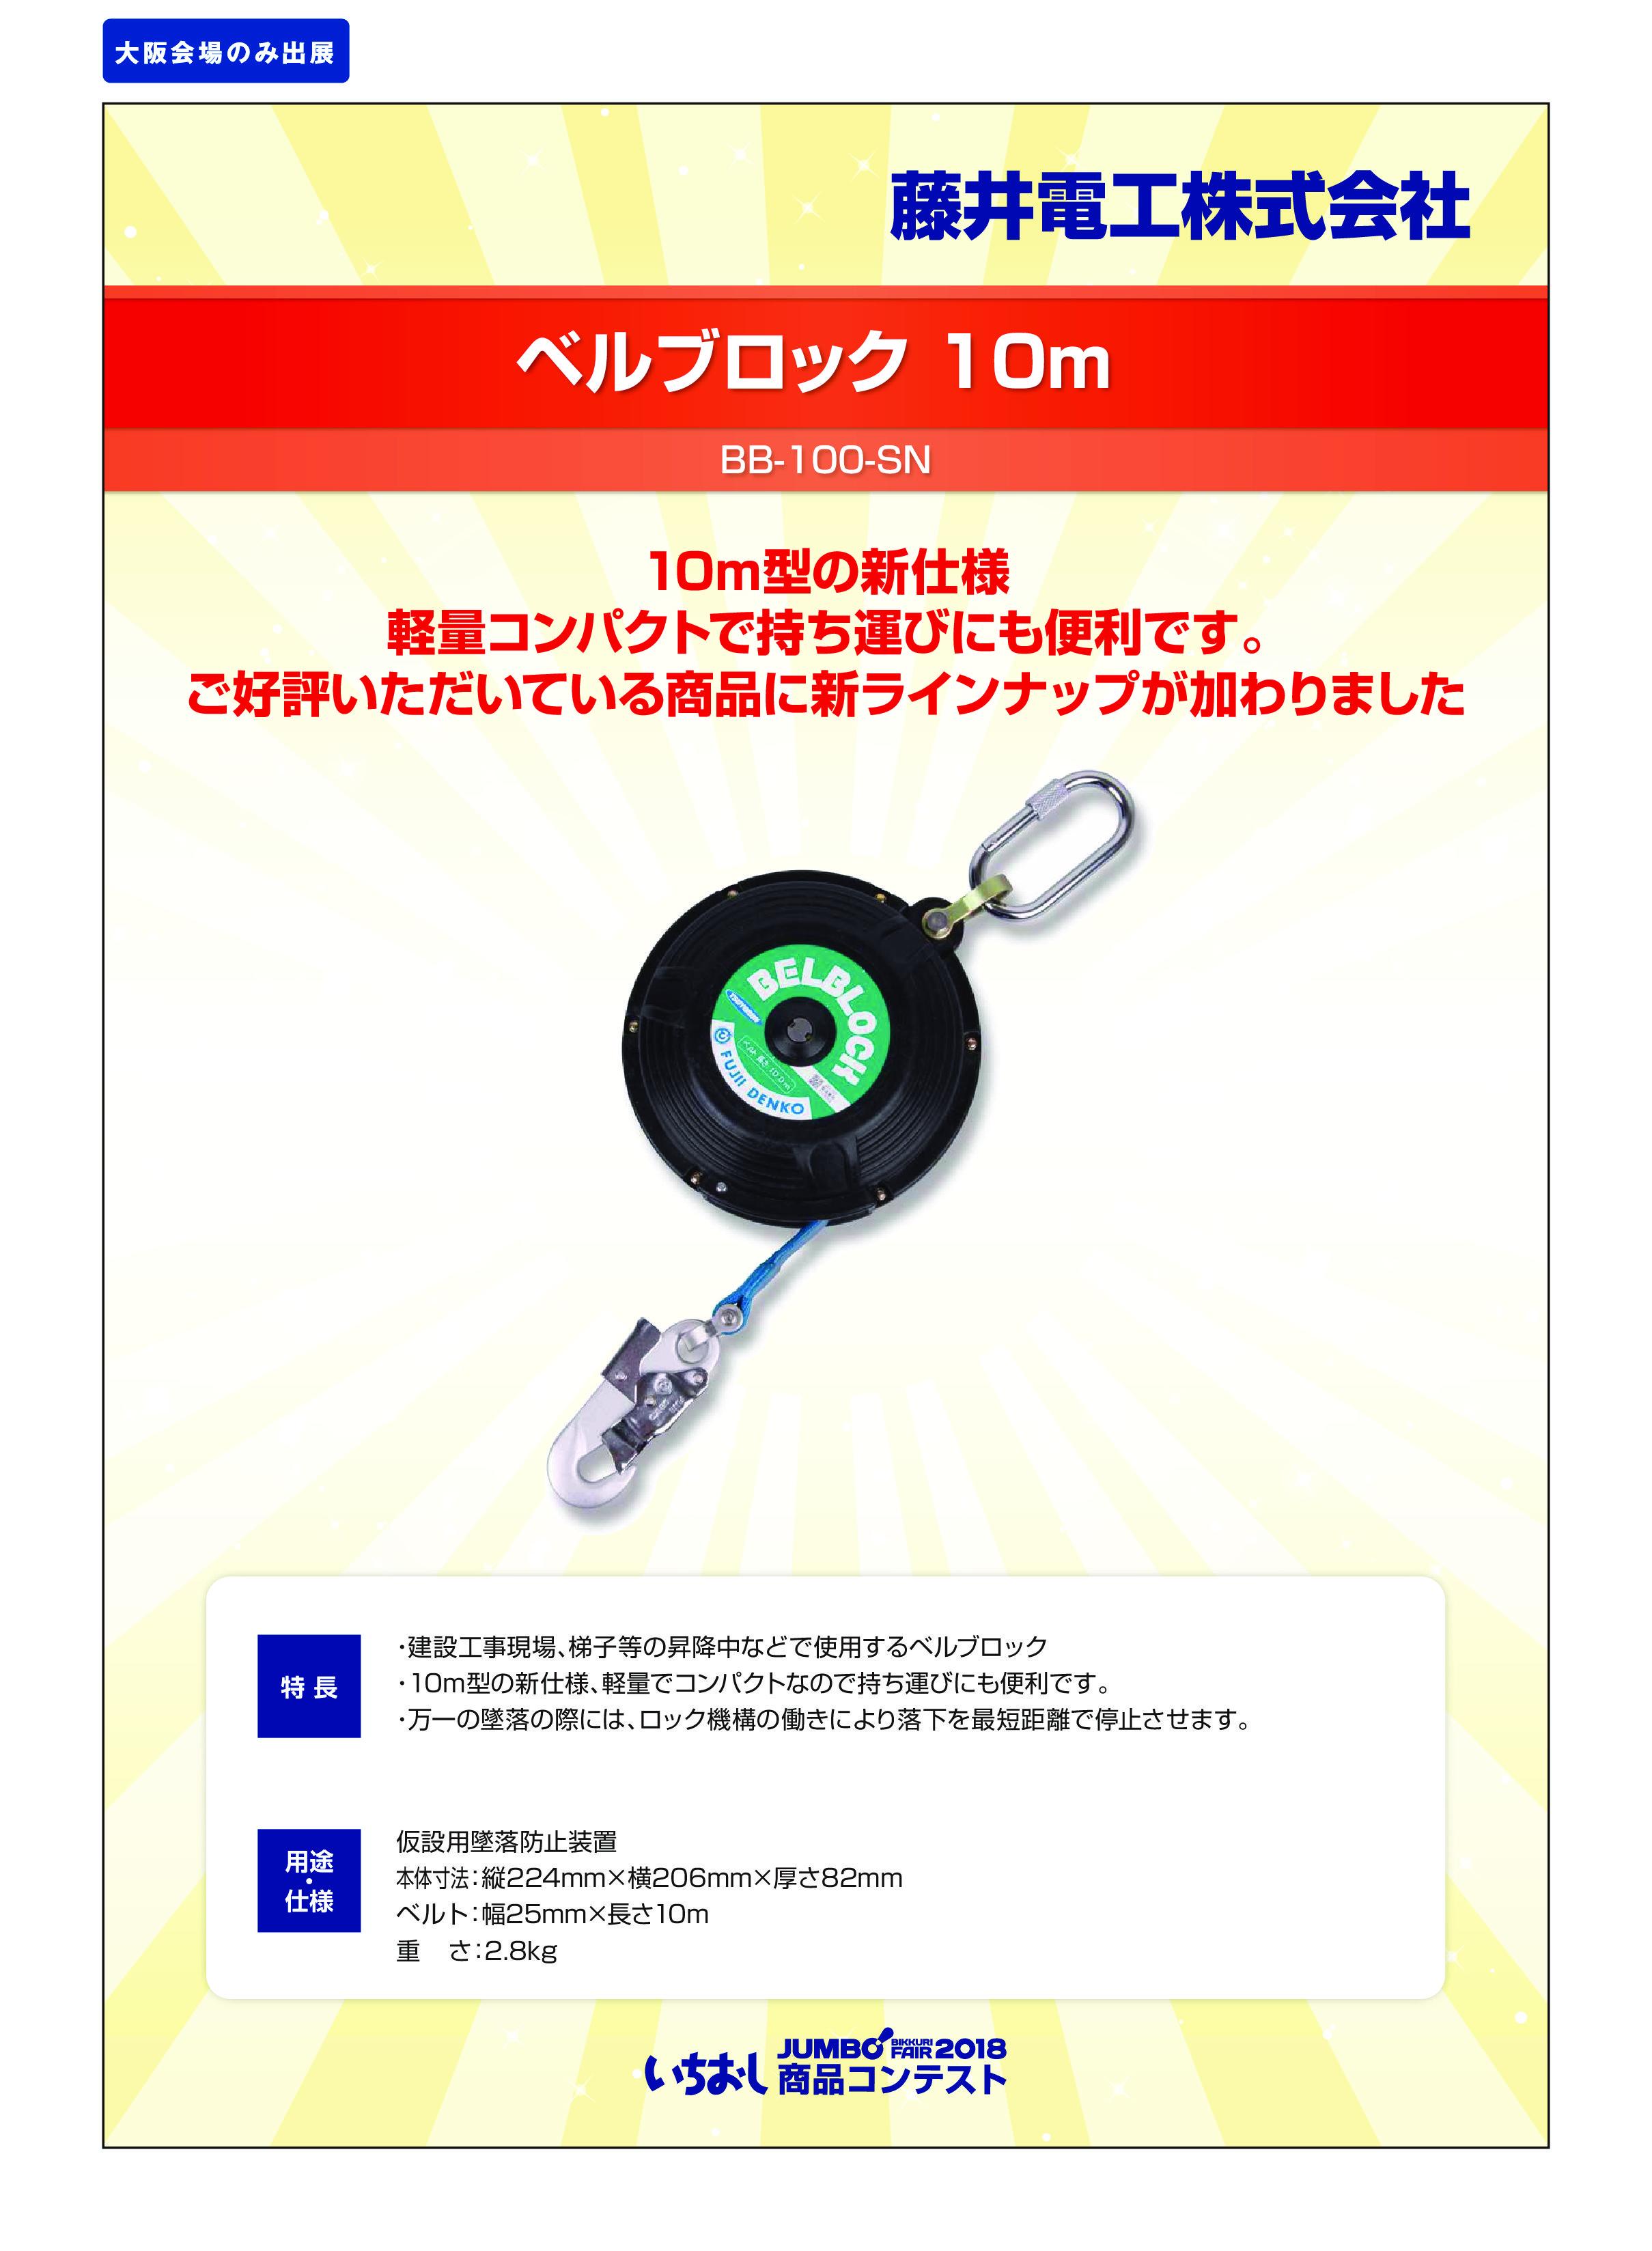 「ベルブロック 10m」藤井電工株式会社の画像